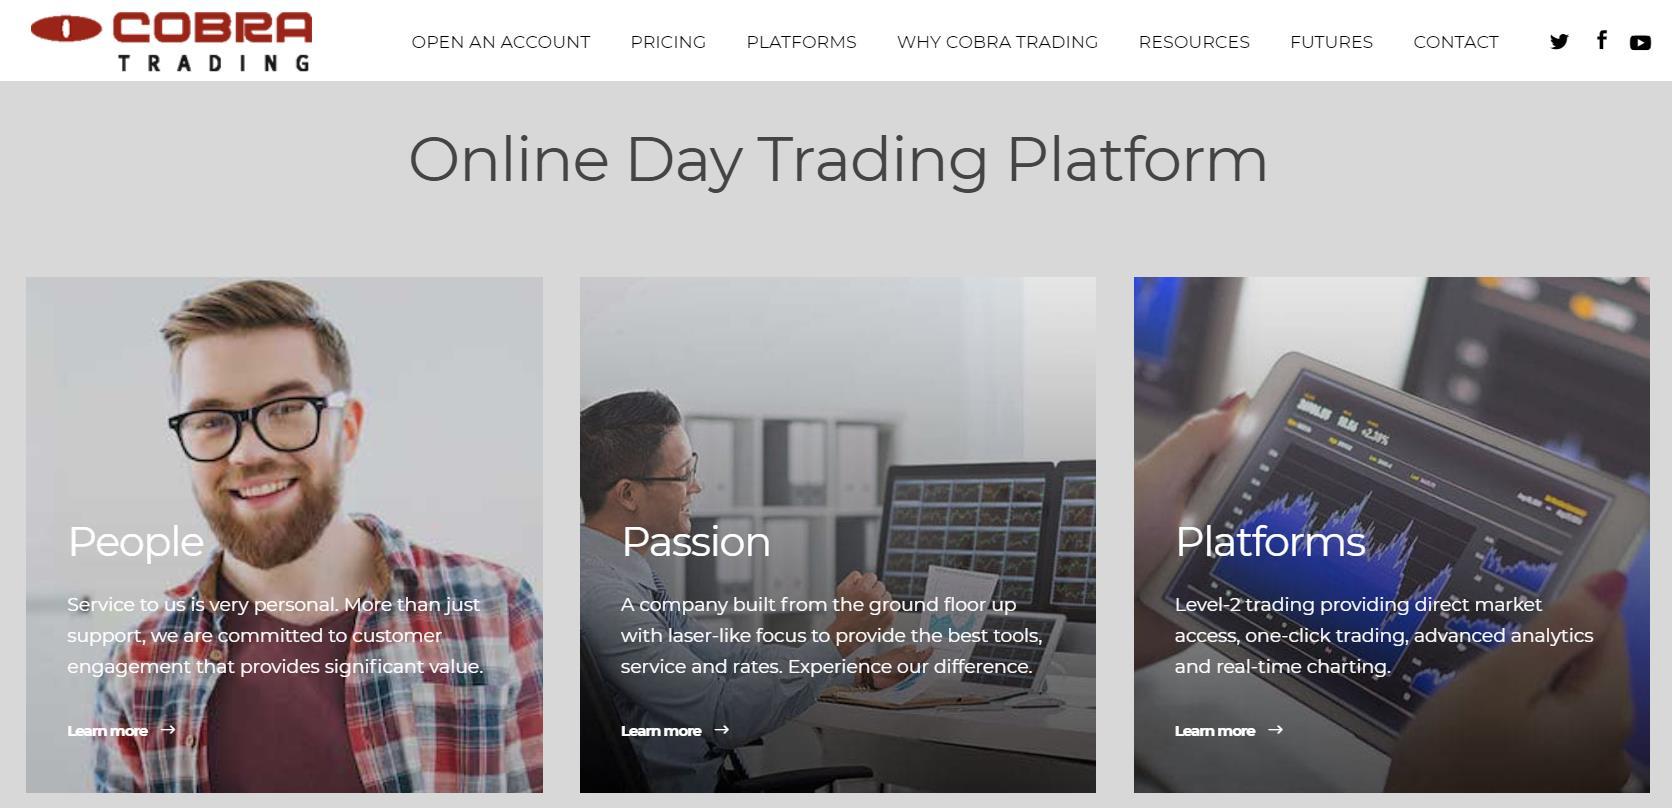 обзор компании cobra trading